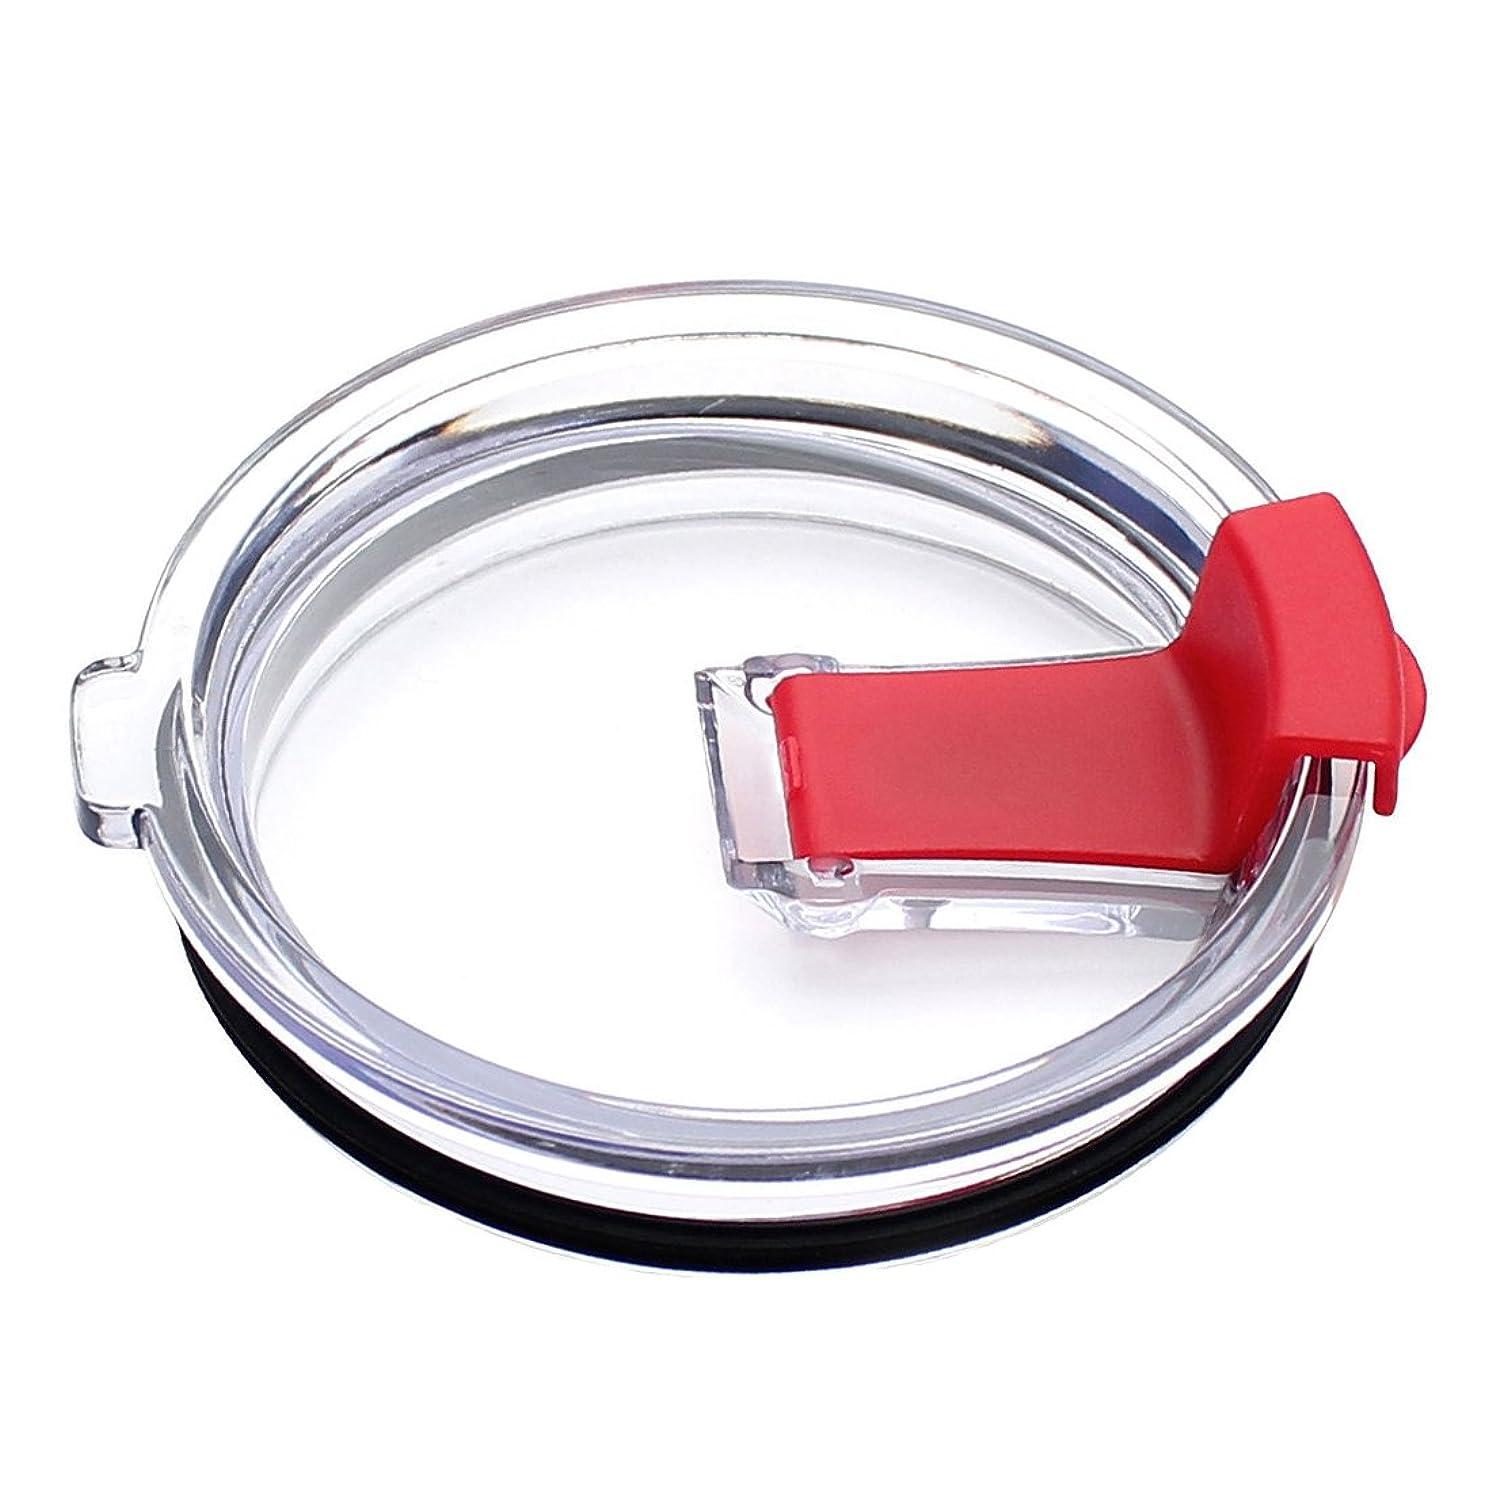 保護アンペアオペレーター漏れ防止 蓋 カップ蓋 20oz